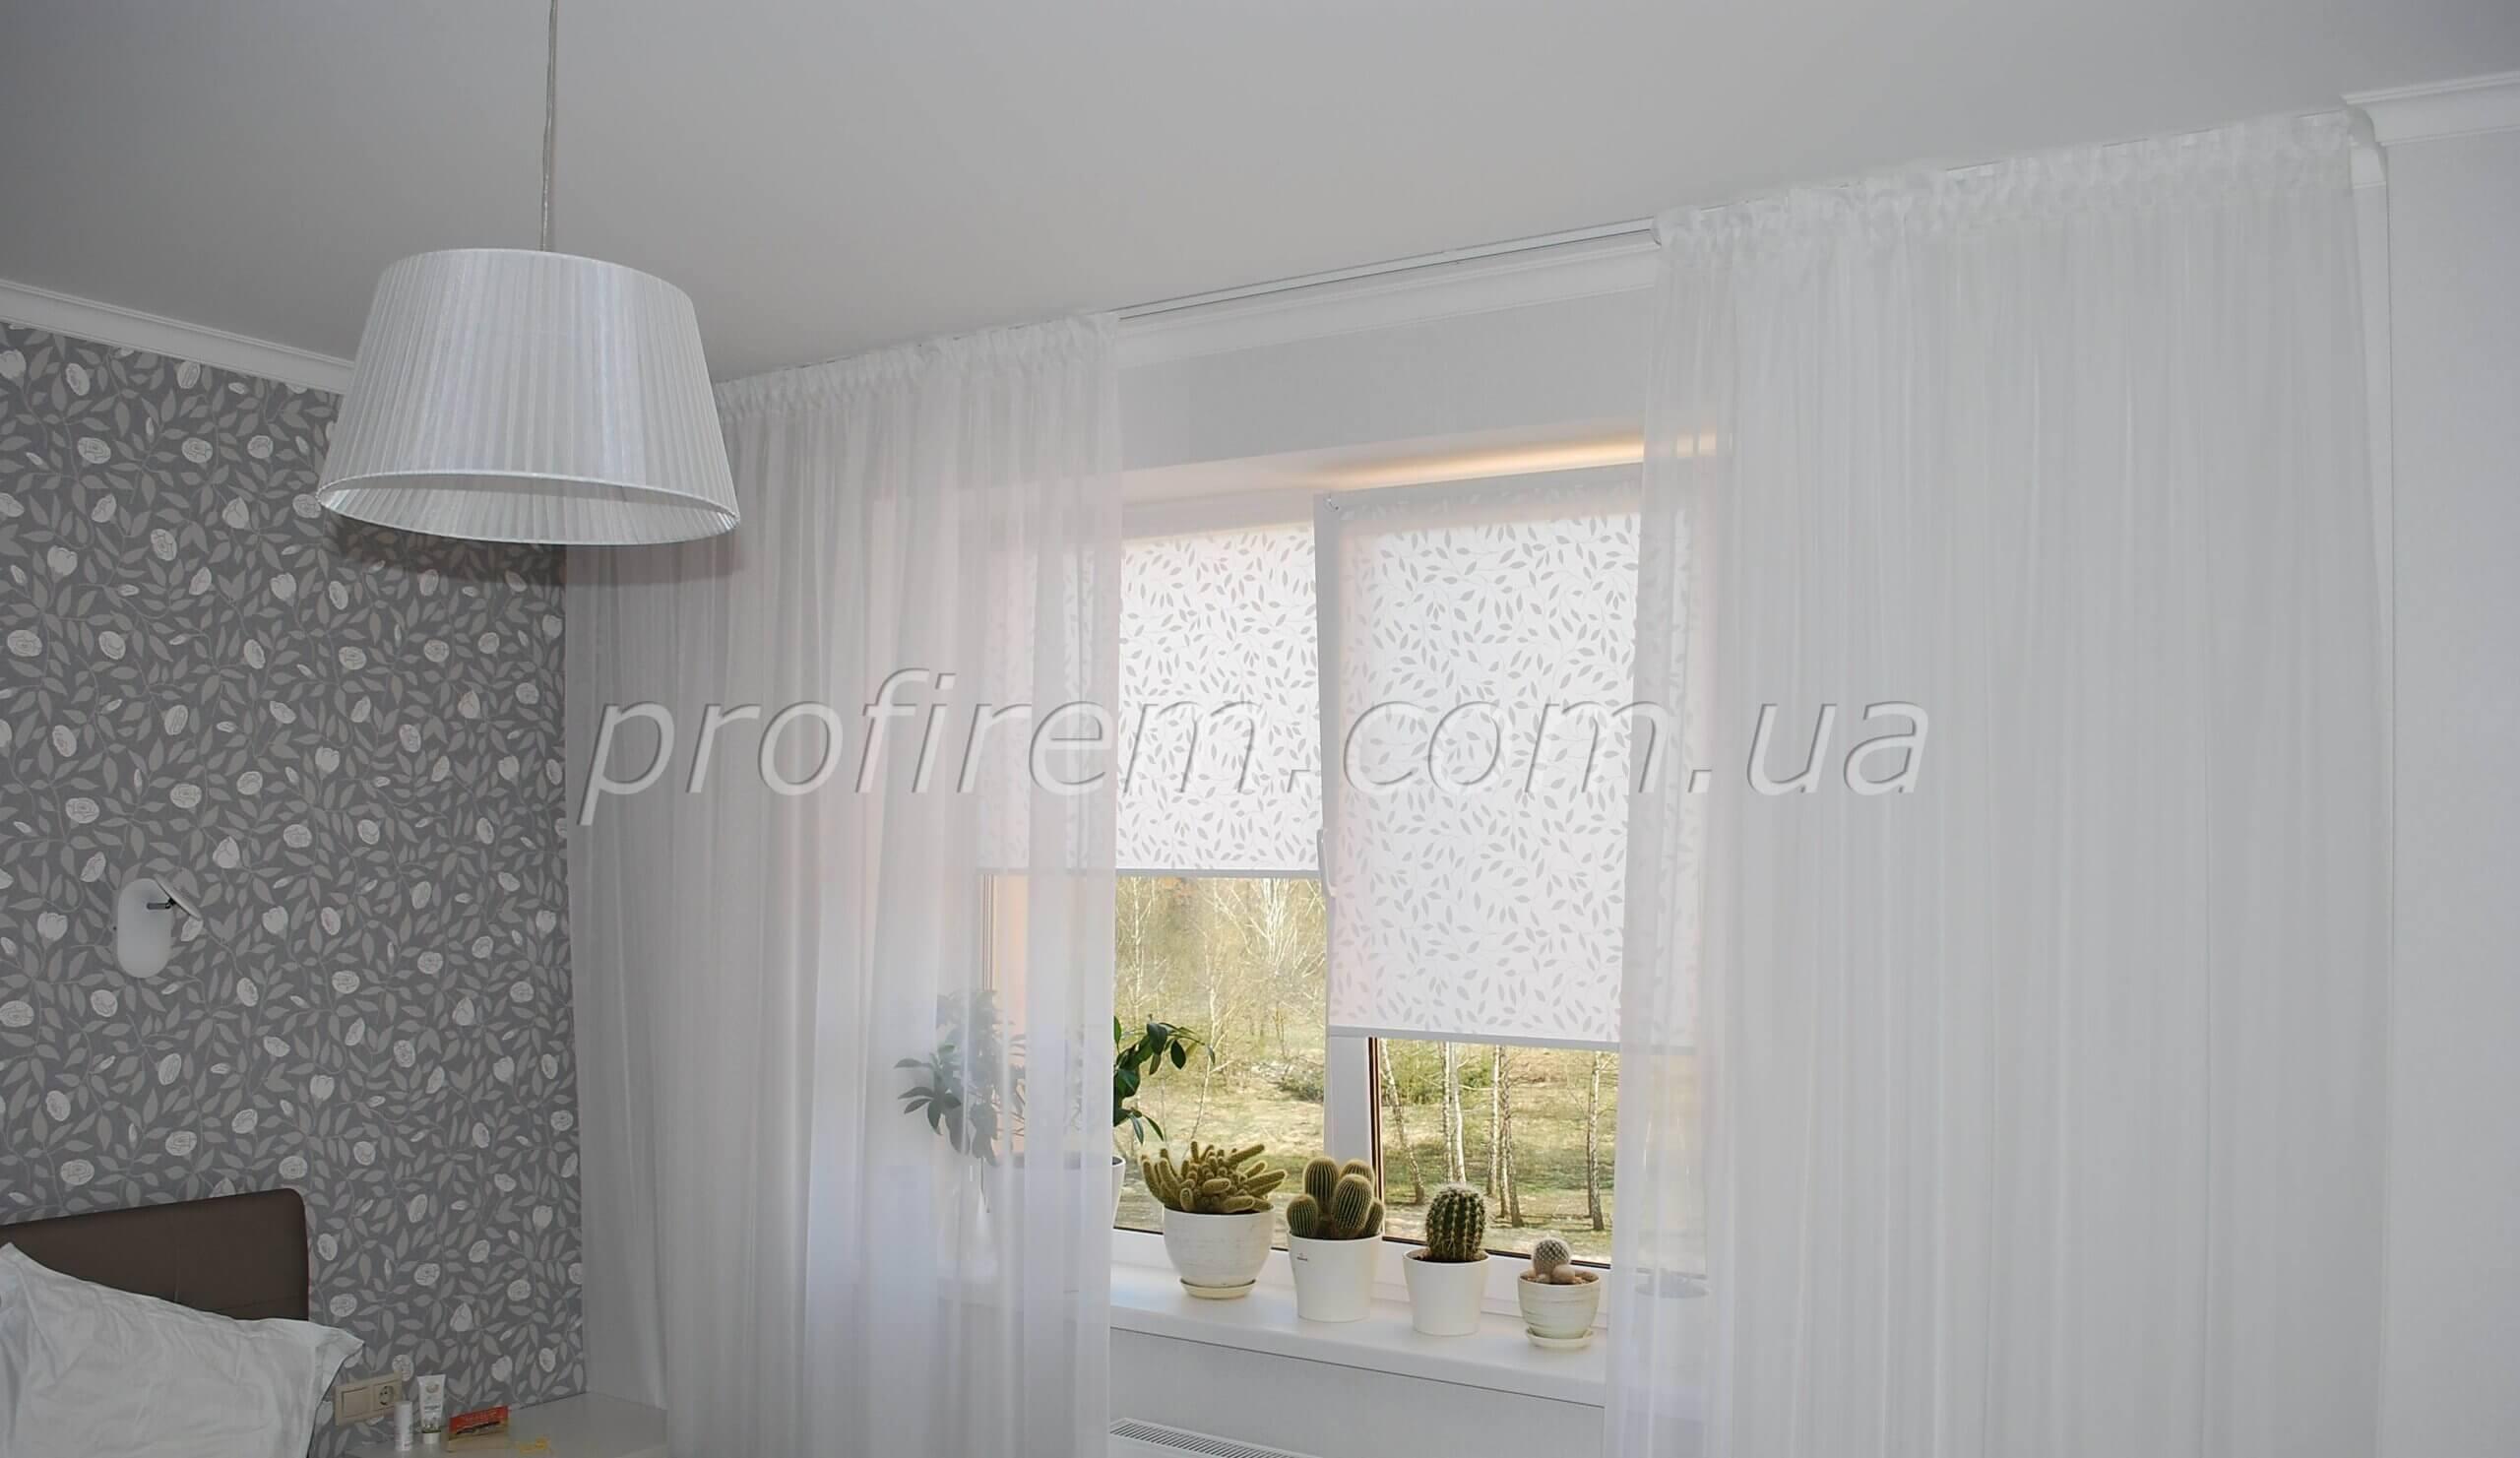 Фотография окна